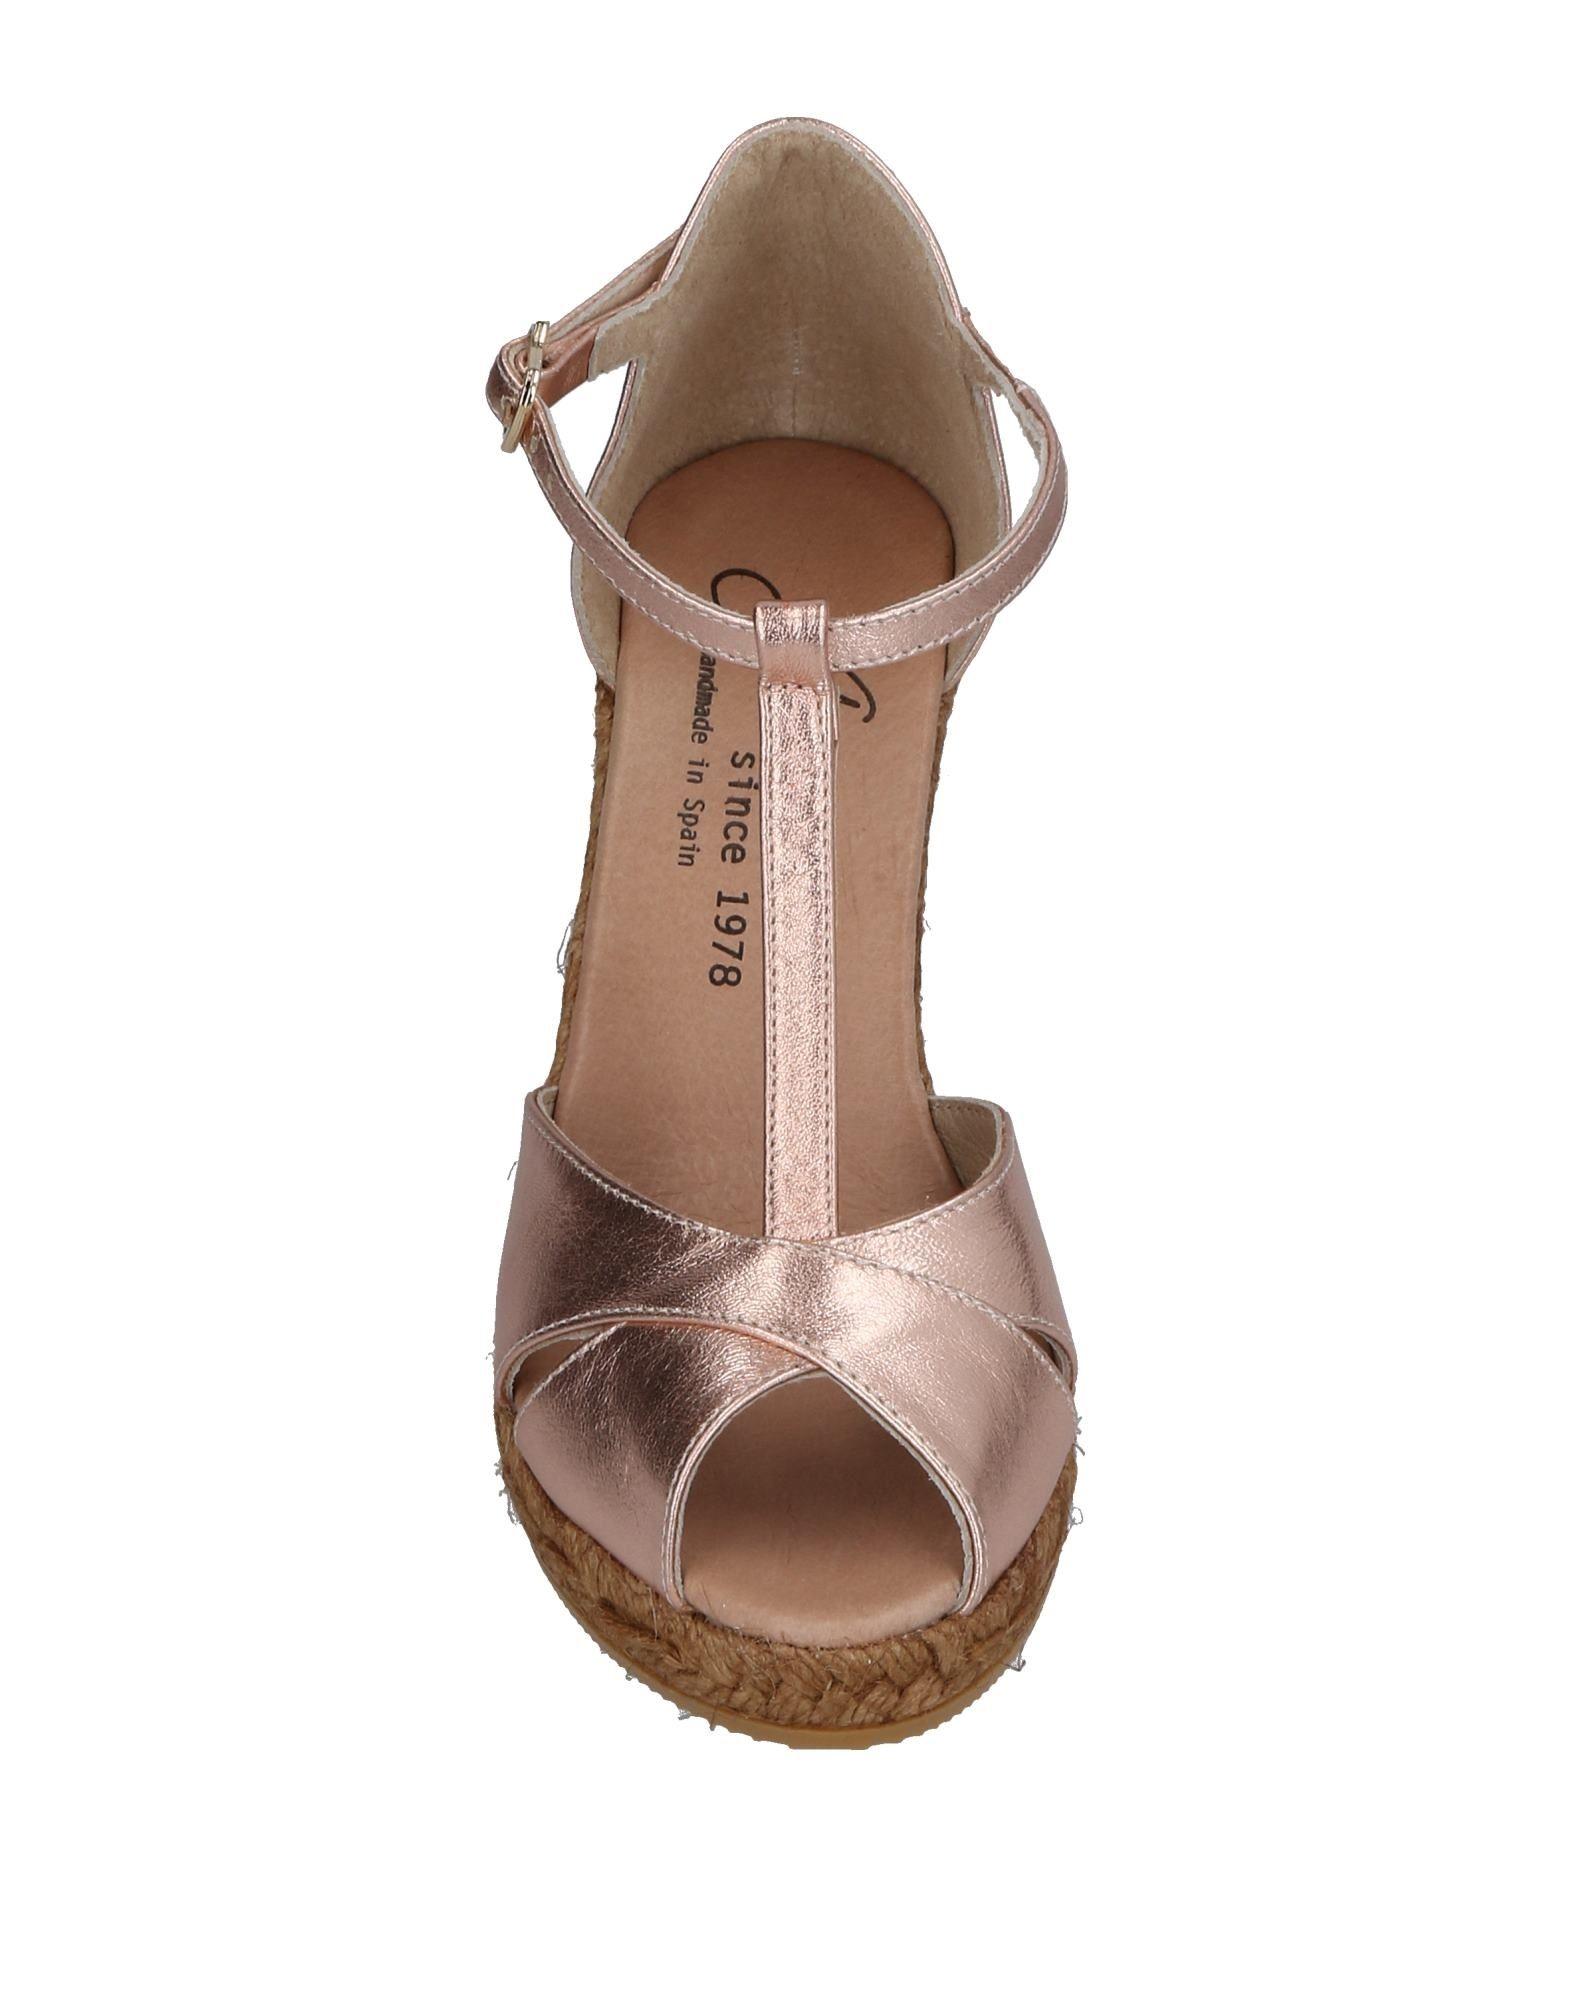 Sandales Gaimo Femme - Sandales Gaimo sur